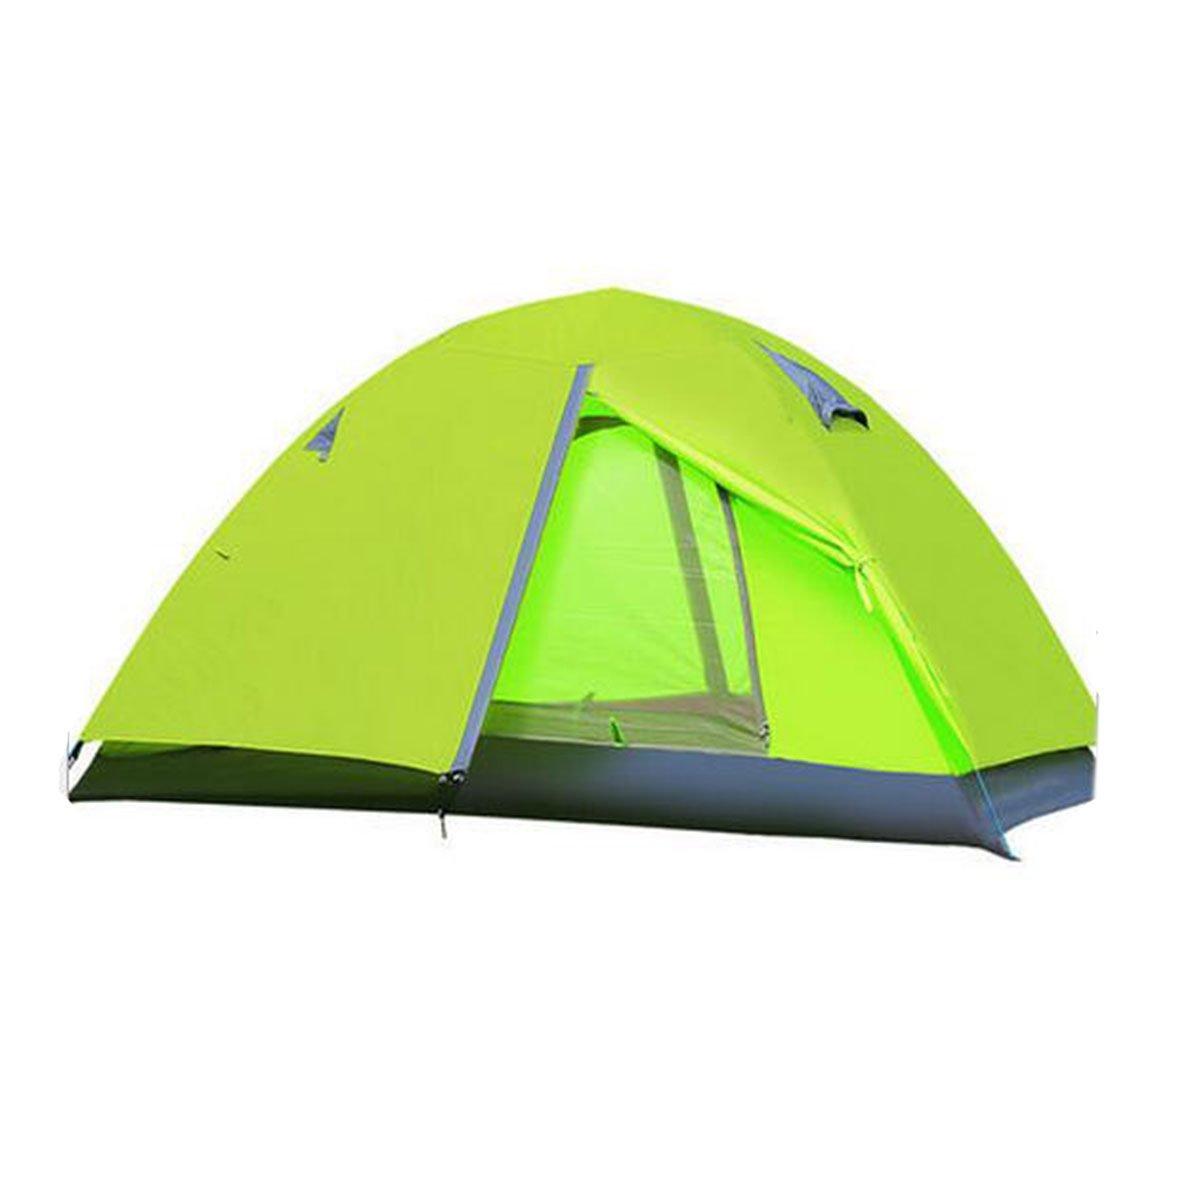 TZQ Freien Doppel Campingzelte Multifunktional Regen Sonne Zelte,Grün